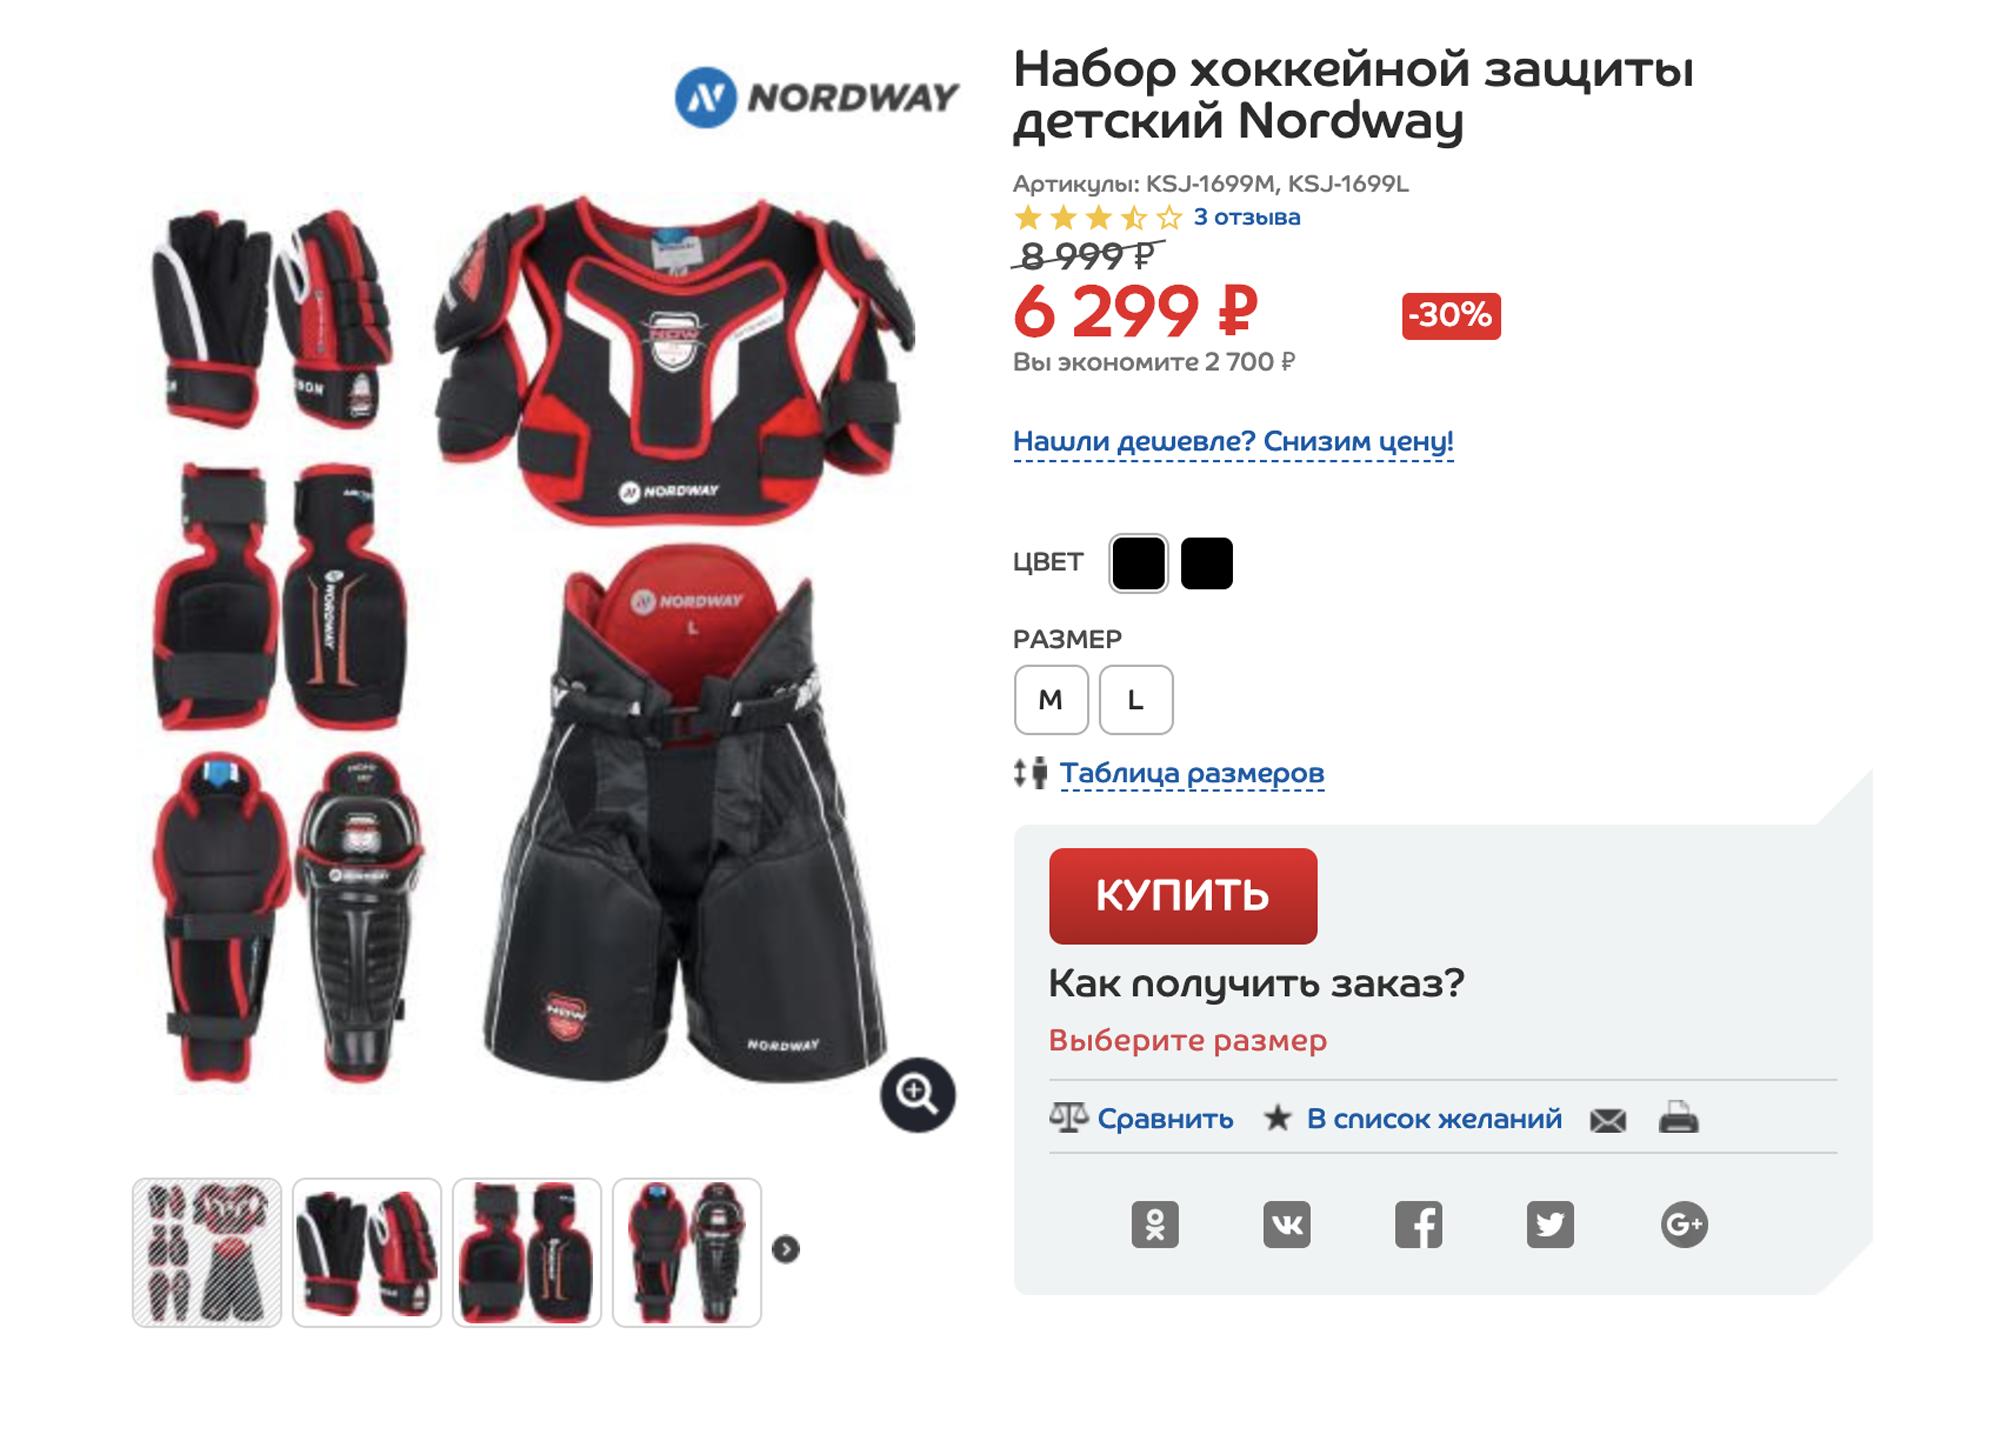 Хоккейная защита из «Спортмастера» за 8999<span class=ruble>Р</span>: краги, налокотники, щитки, нагрудник и трусы. Источник: «Спортмастер»